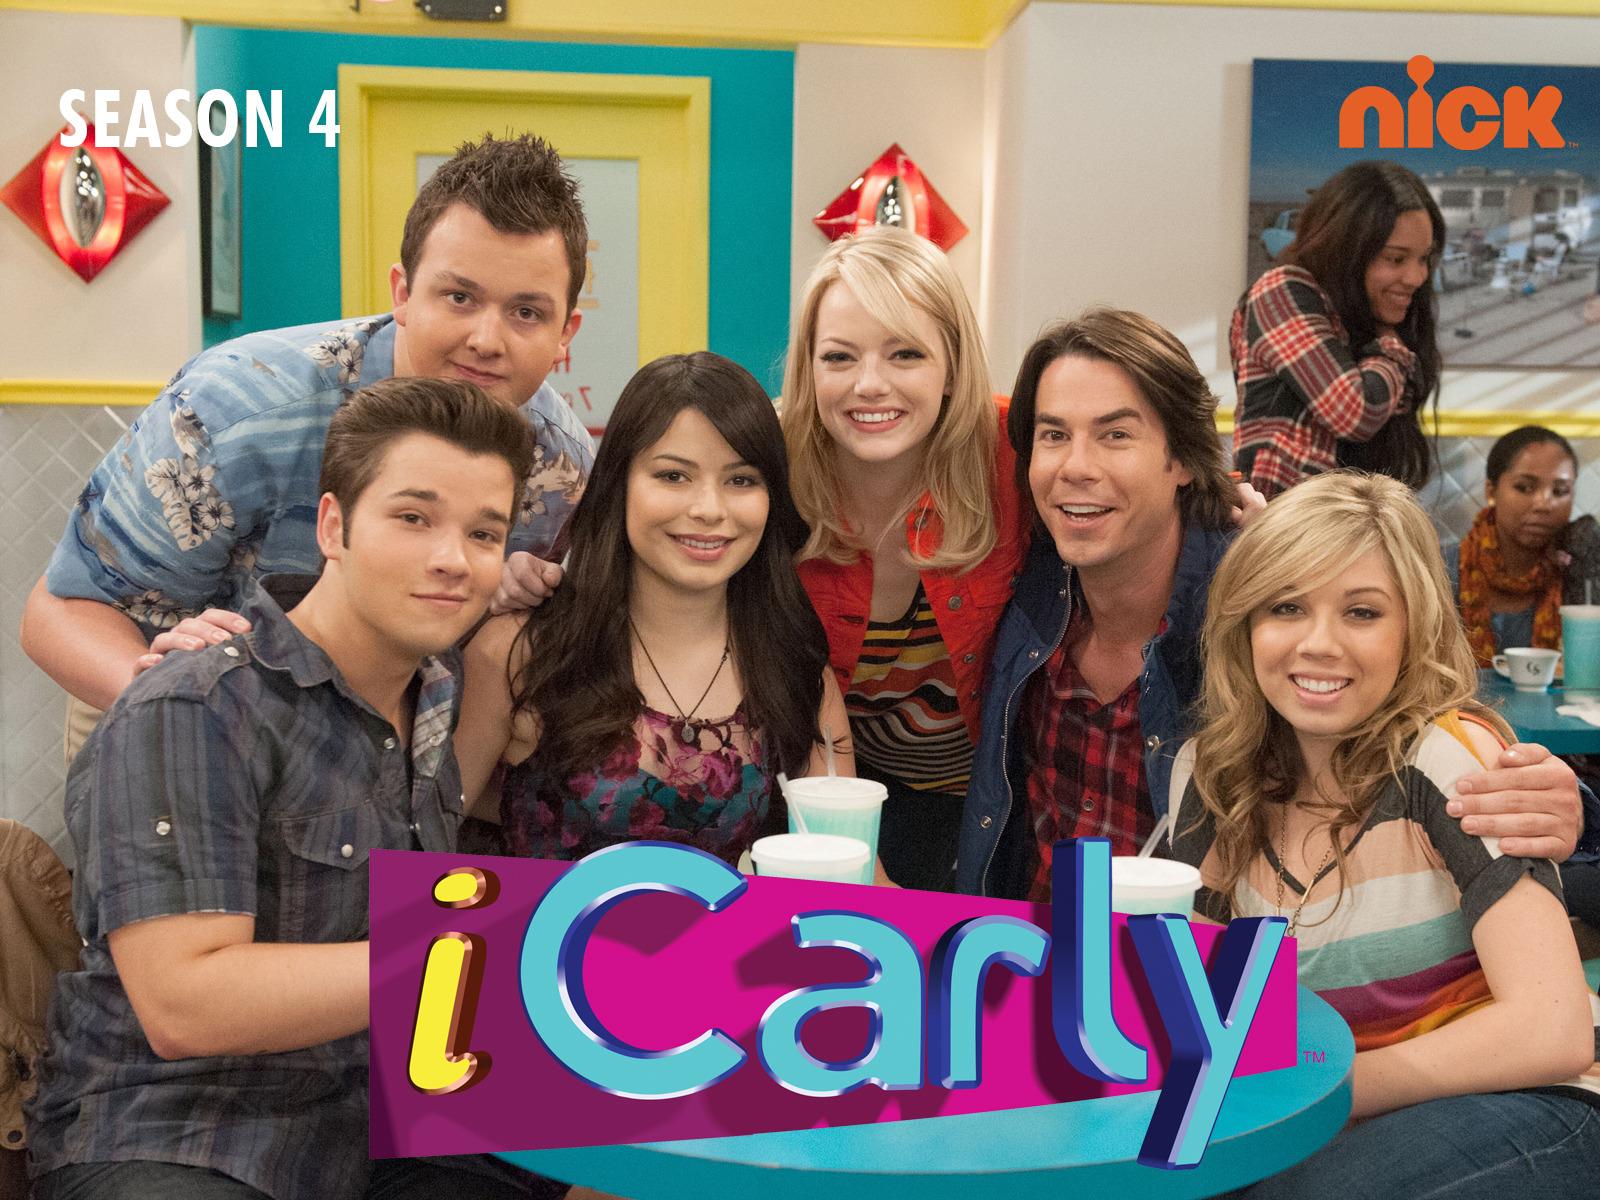 iCarly, sitcom per ragazzi prodotta da Dan Schneider